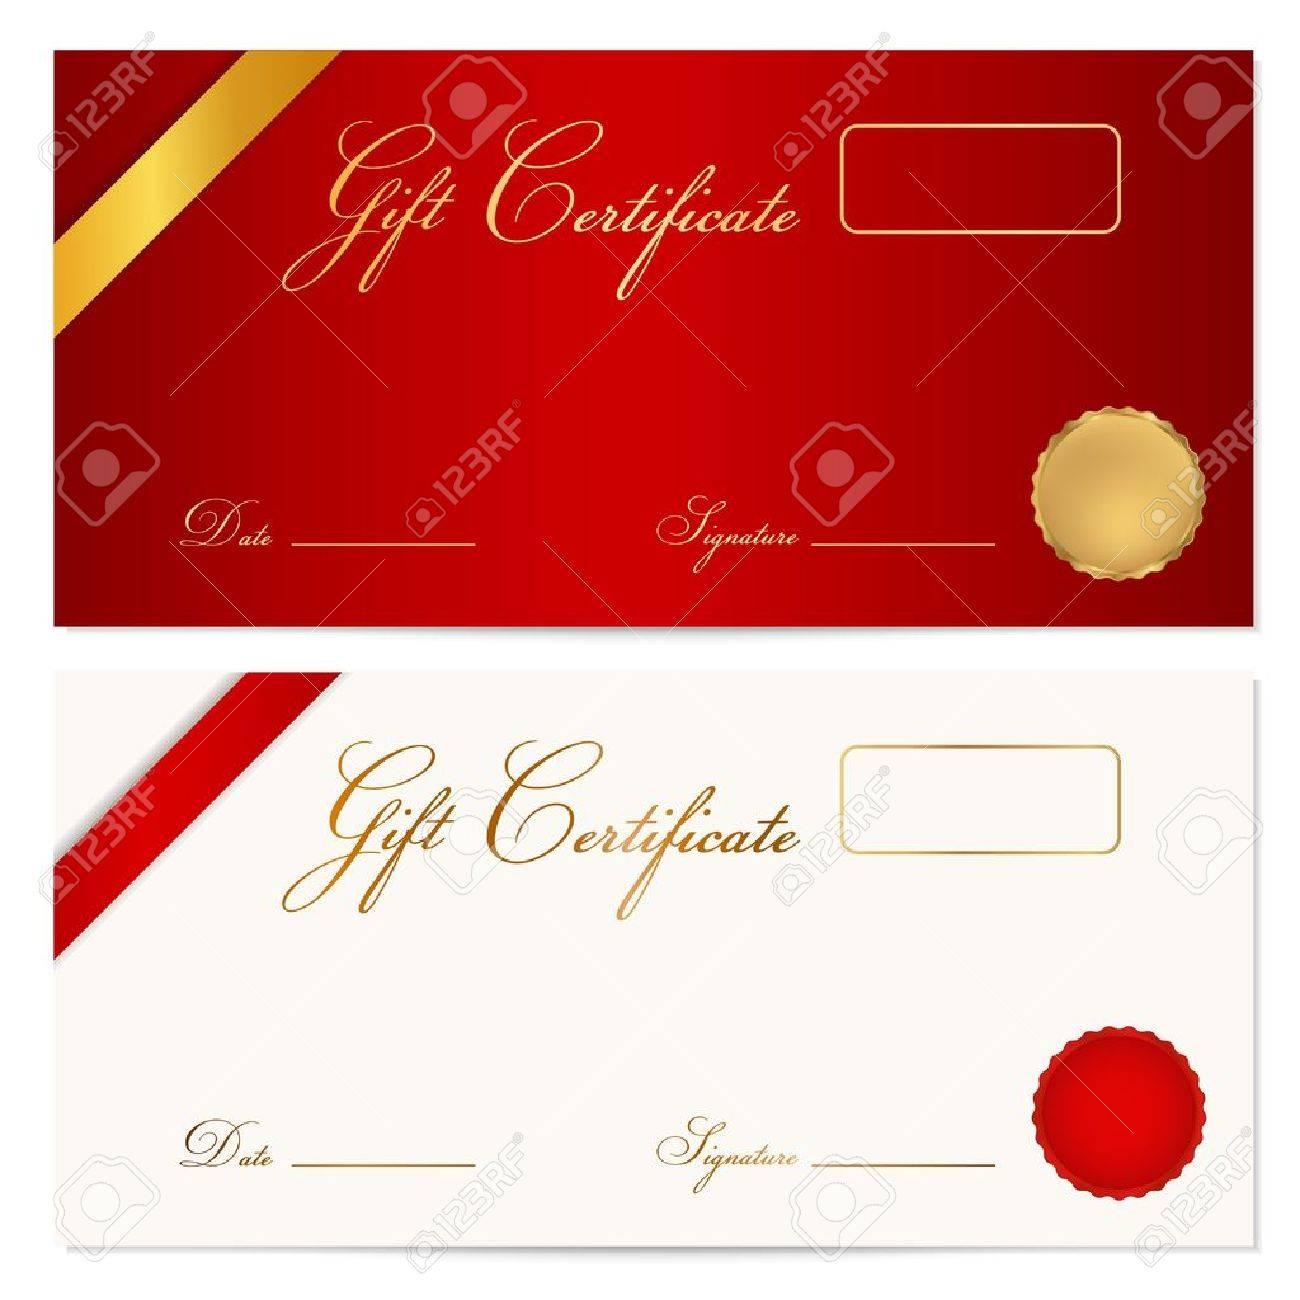 Christmas Gift Voucher Templates gift voucher format christmas – Christmas Gift Vouchers Templates